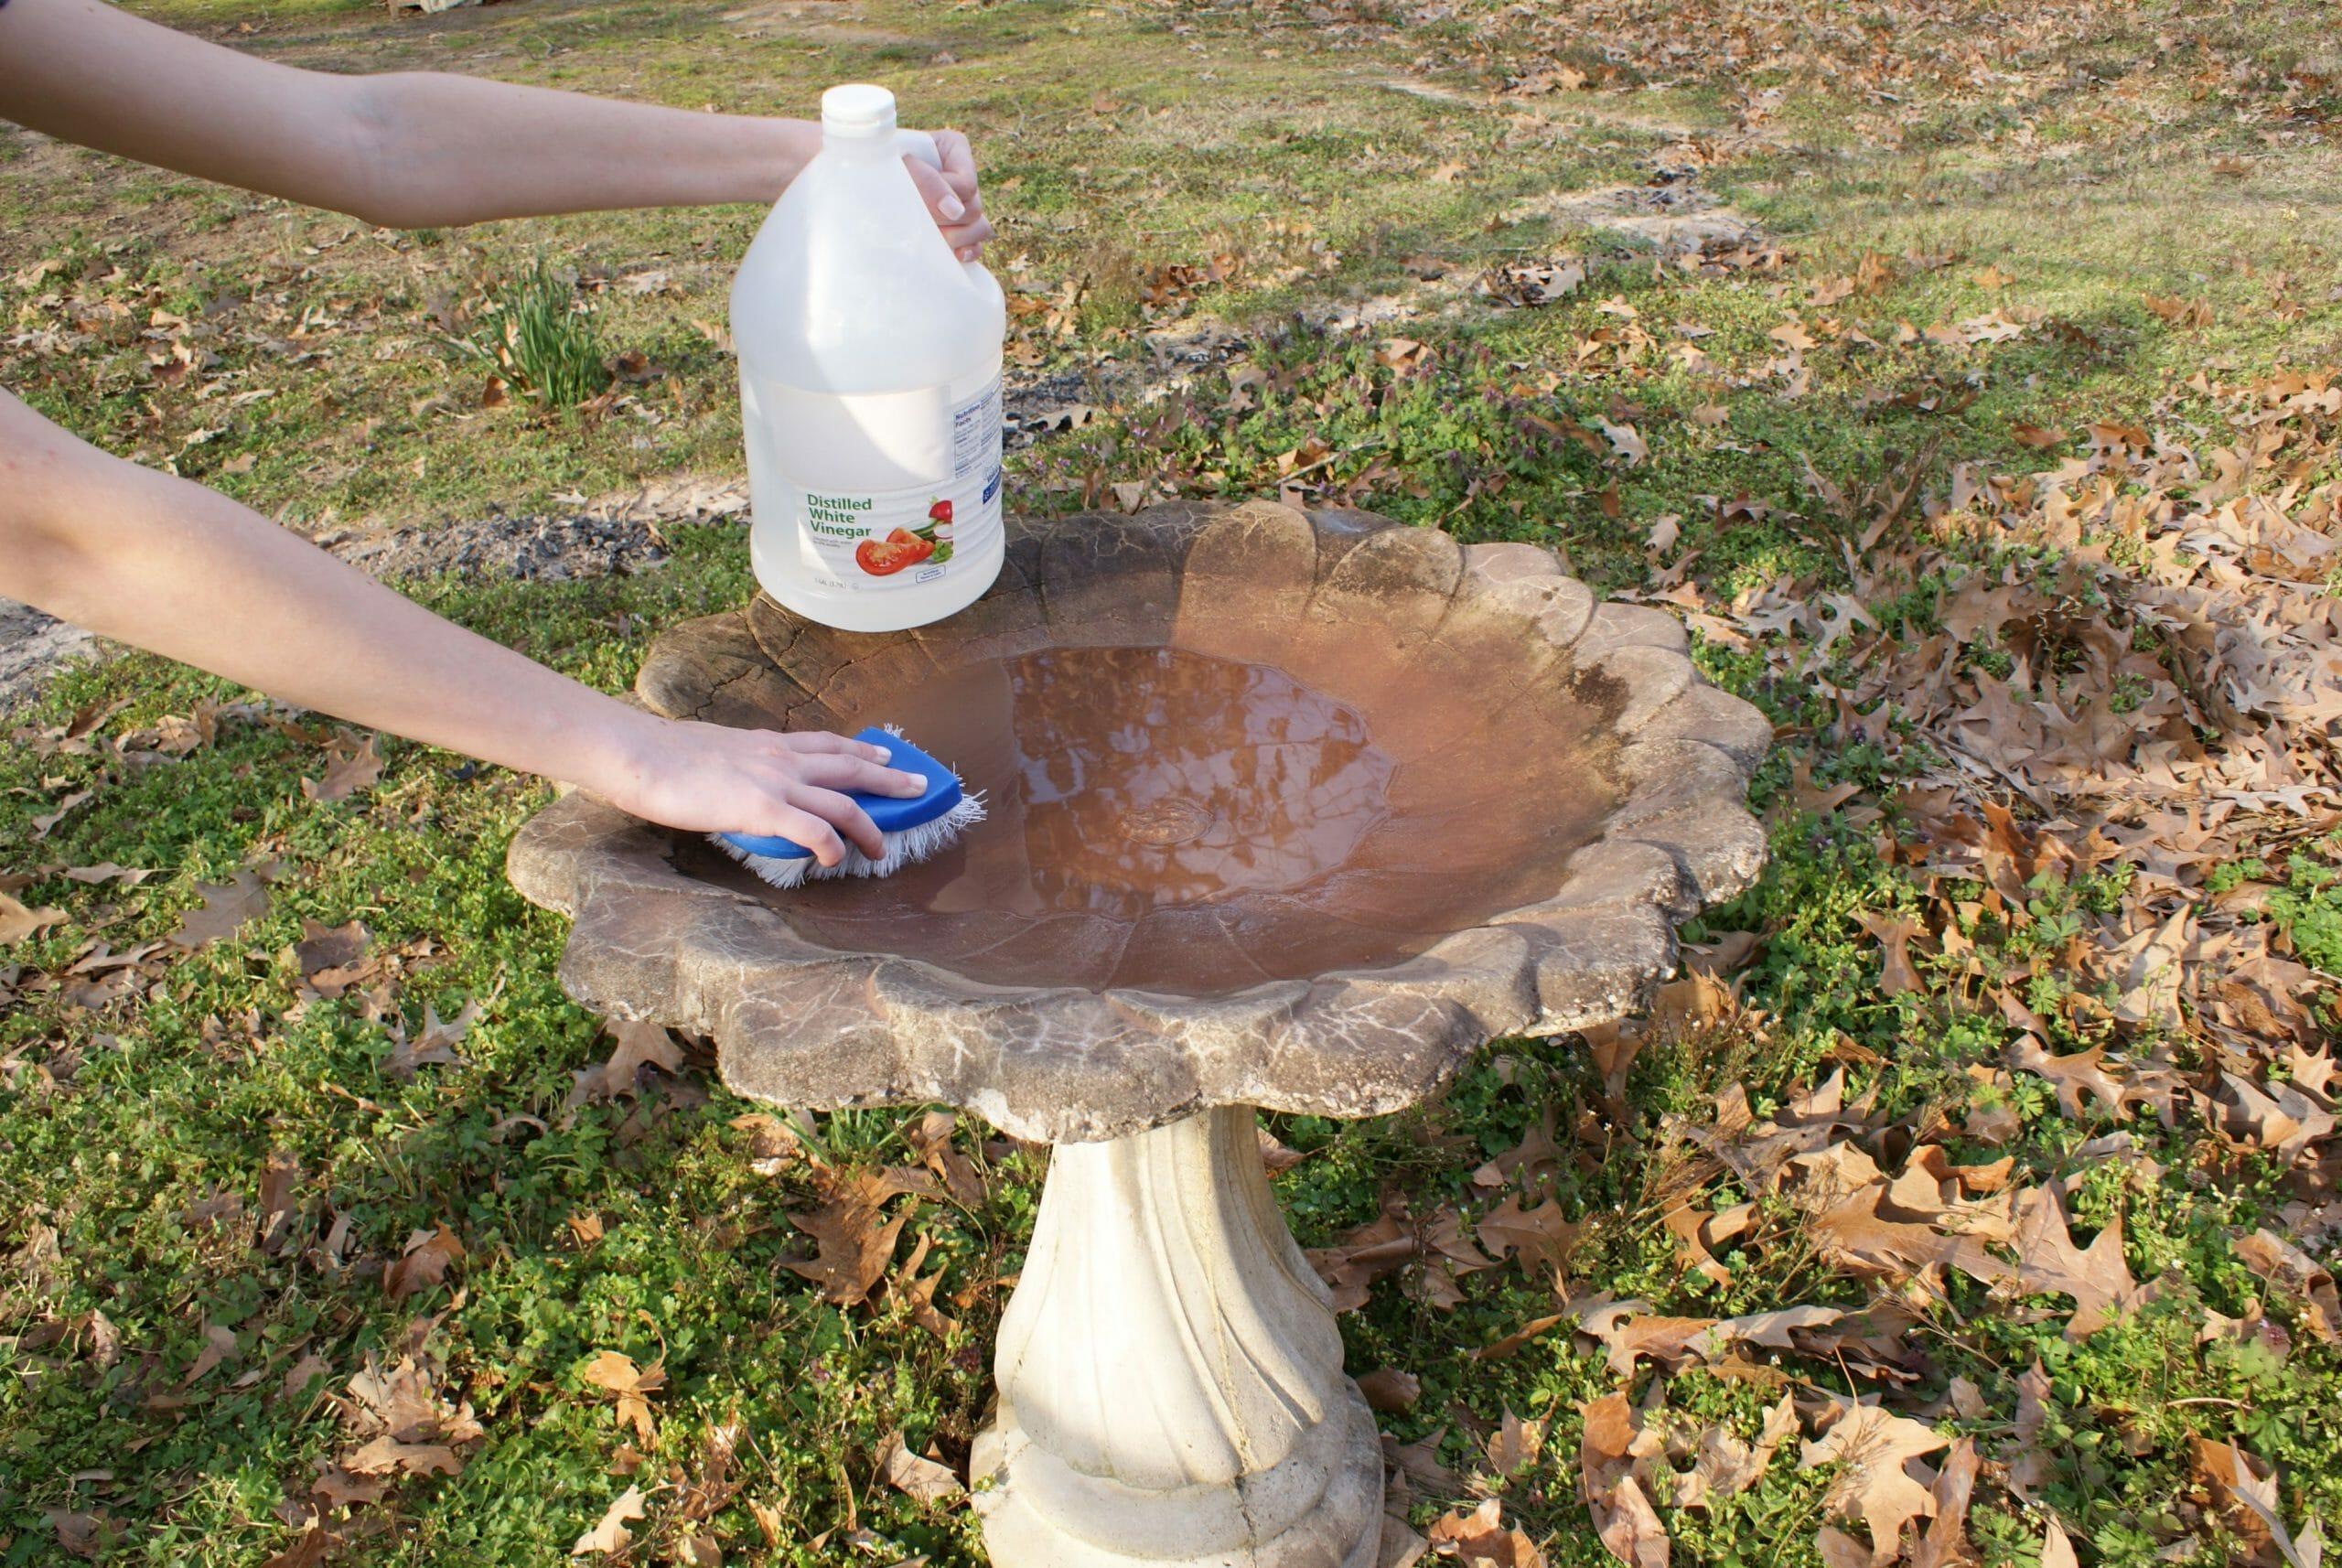 how do you get rid of algae in a bird bath